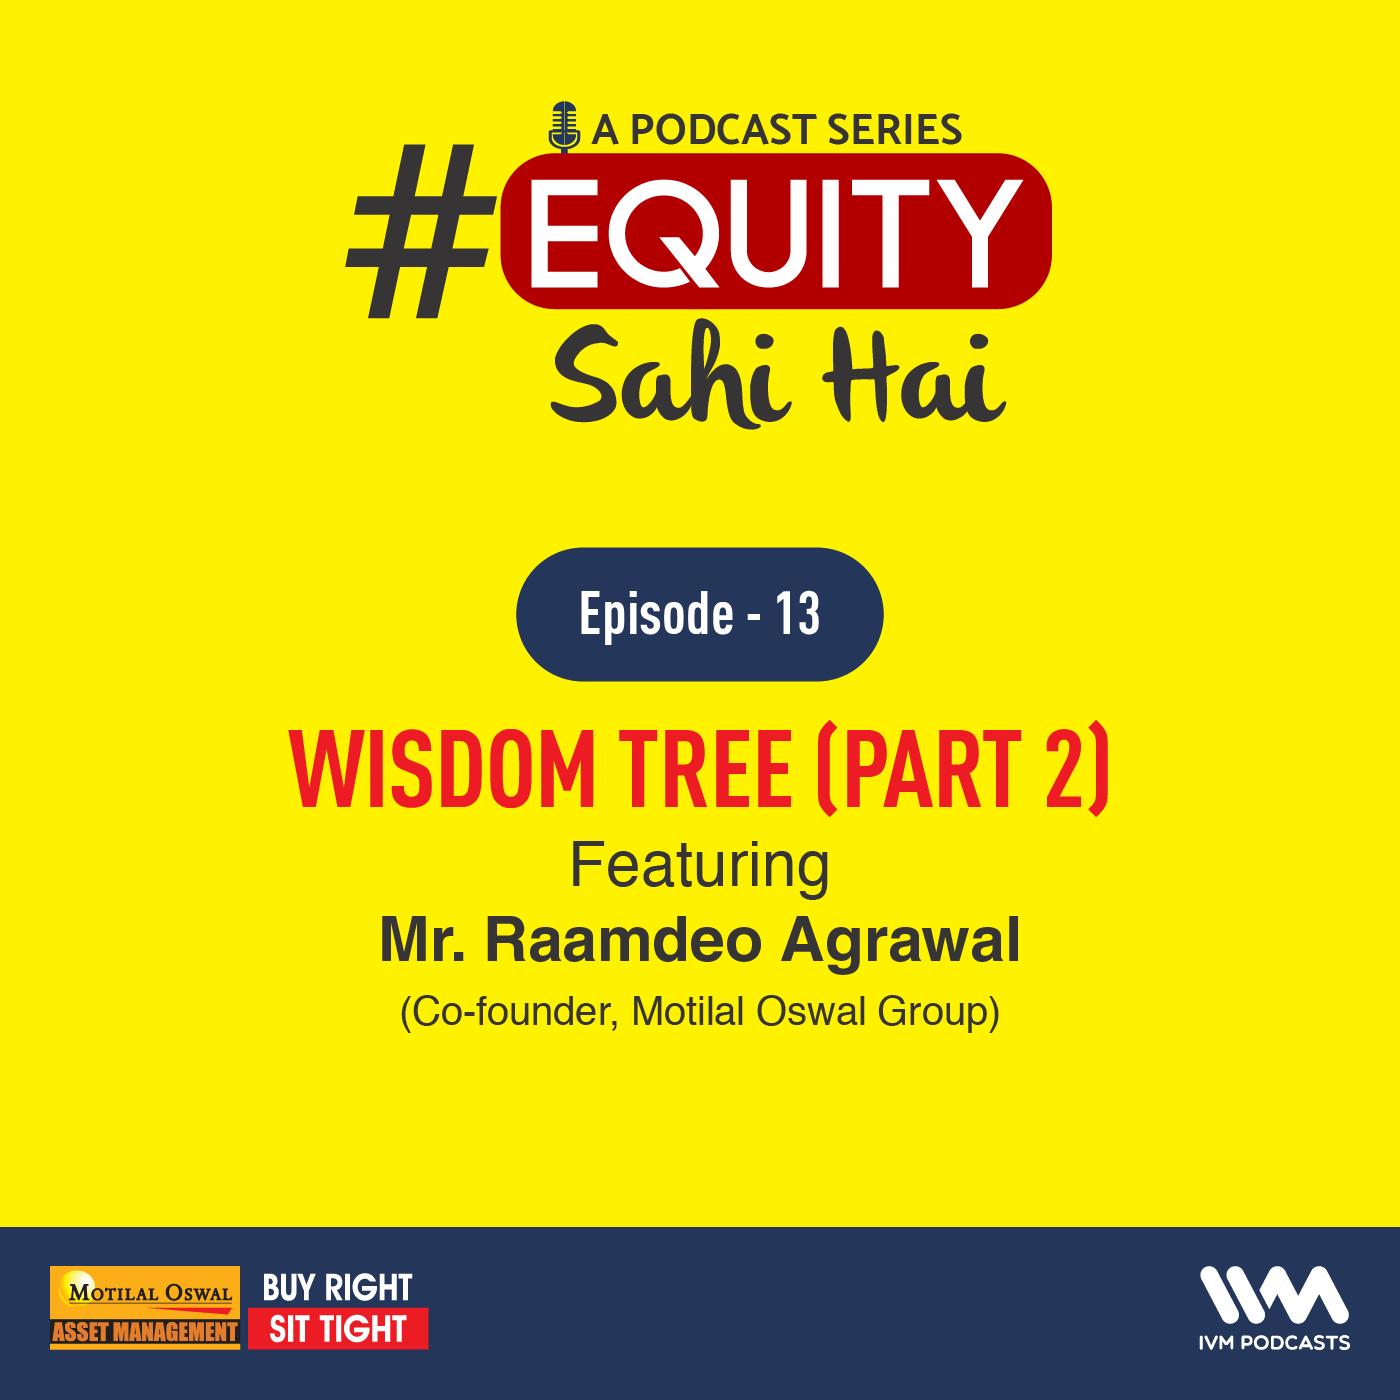 Ep. 13: Wisdom Tree (Part 2)